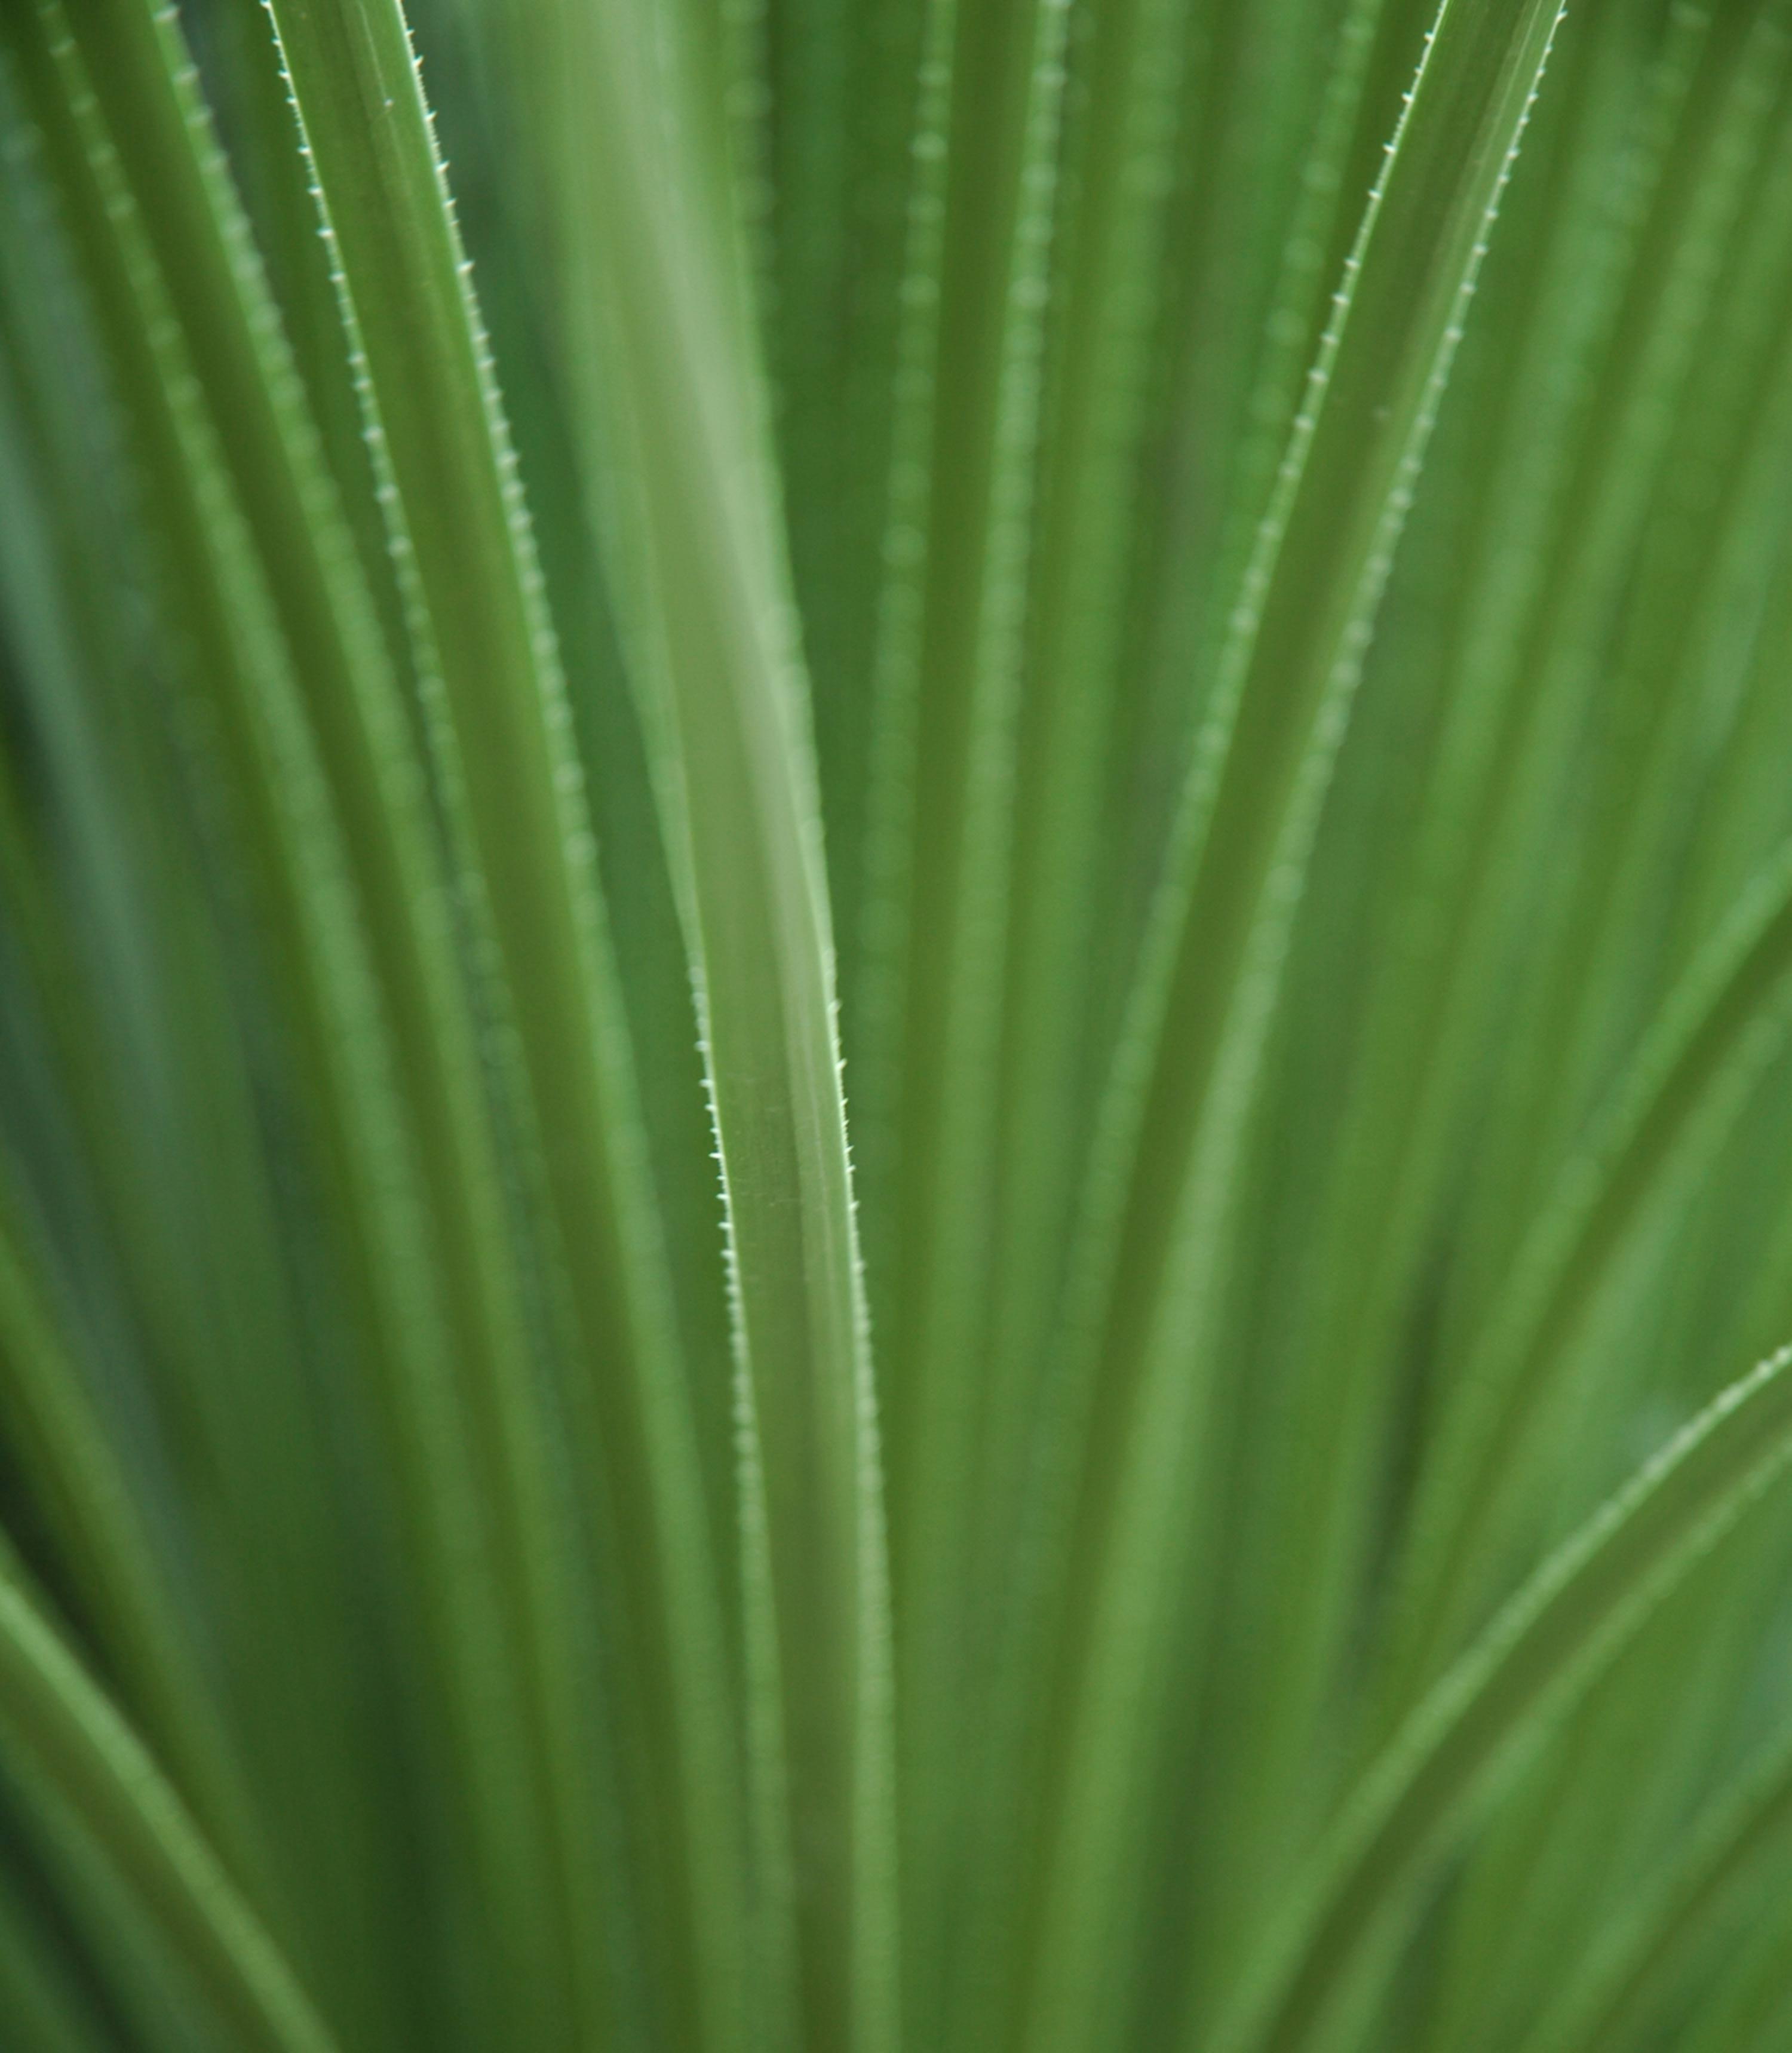 Narrow Long Leaves